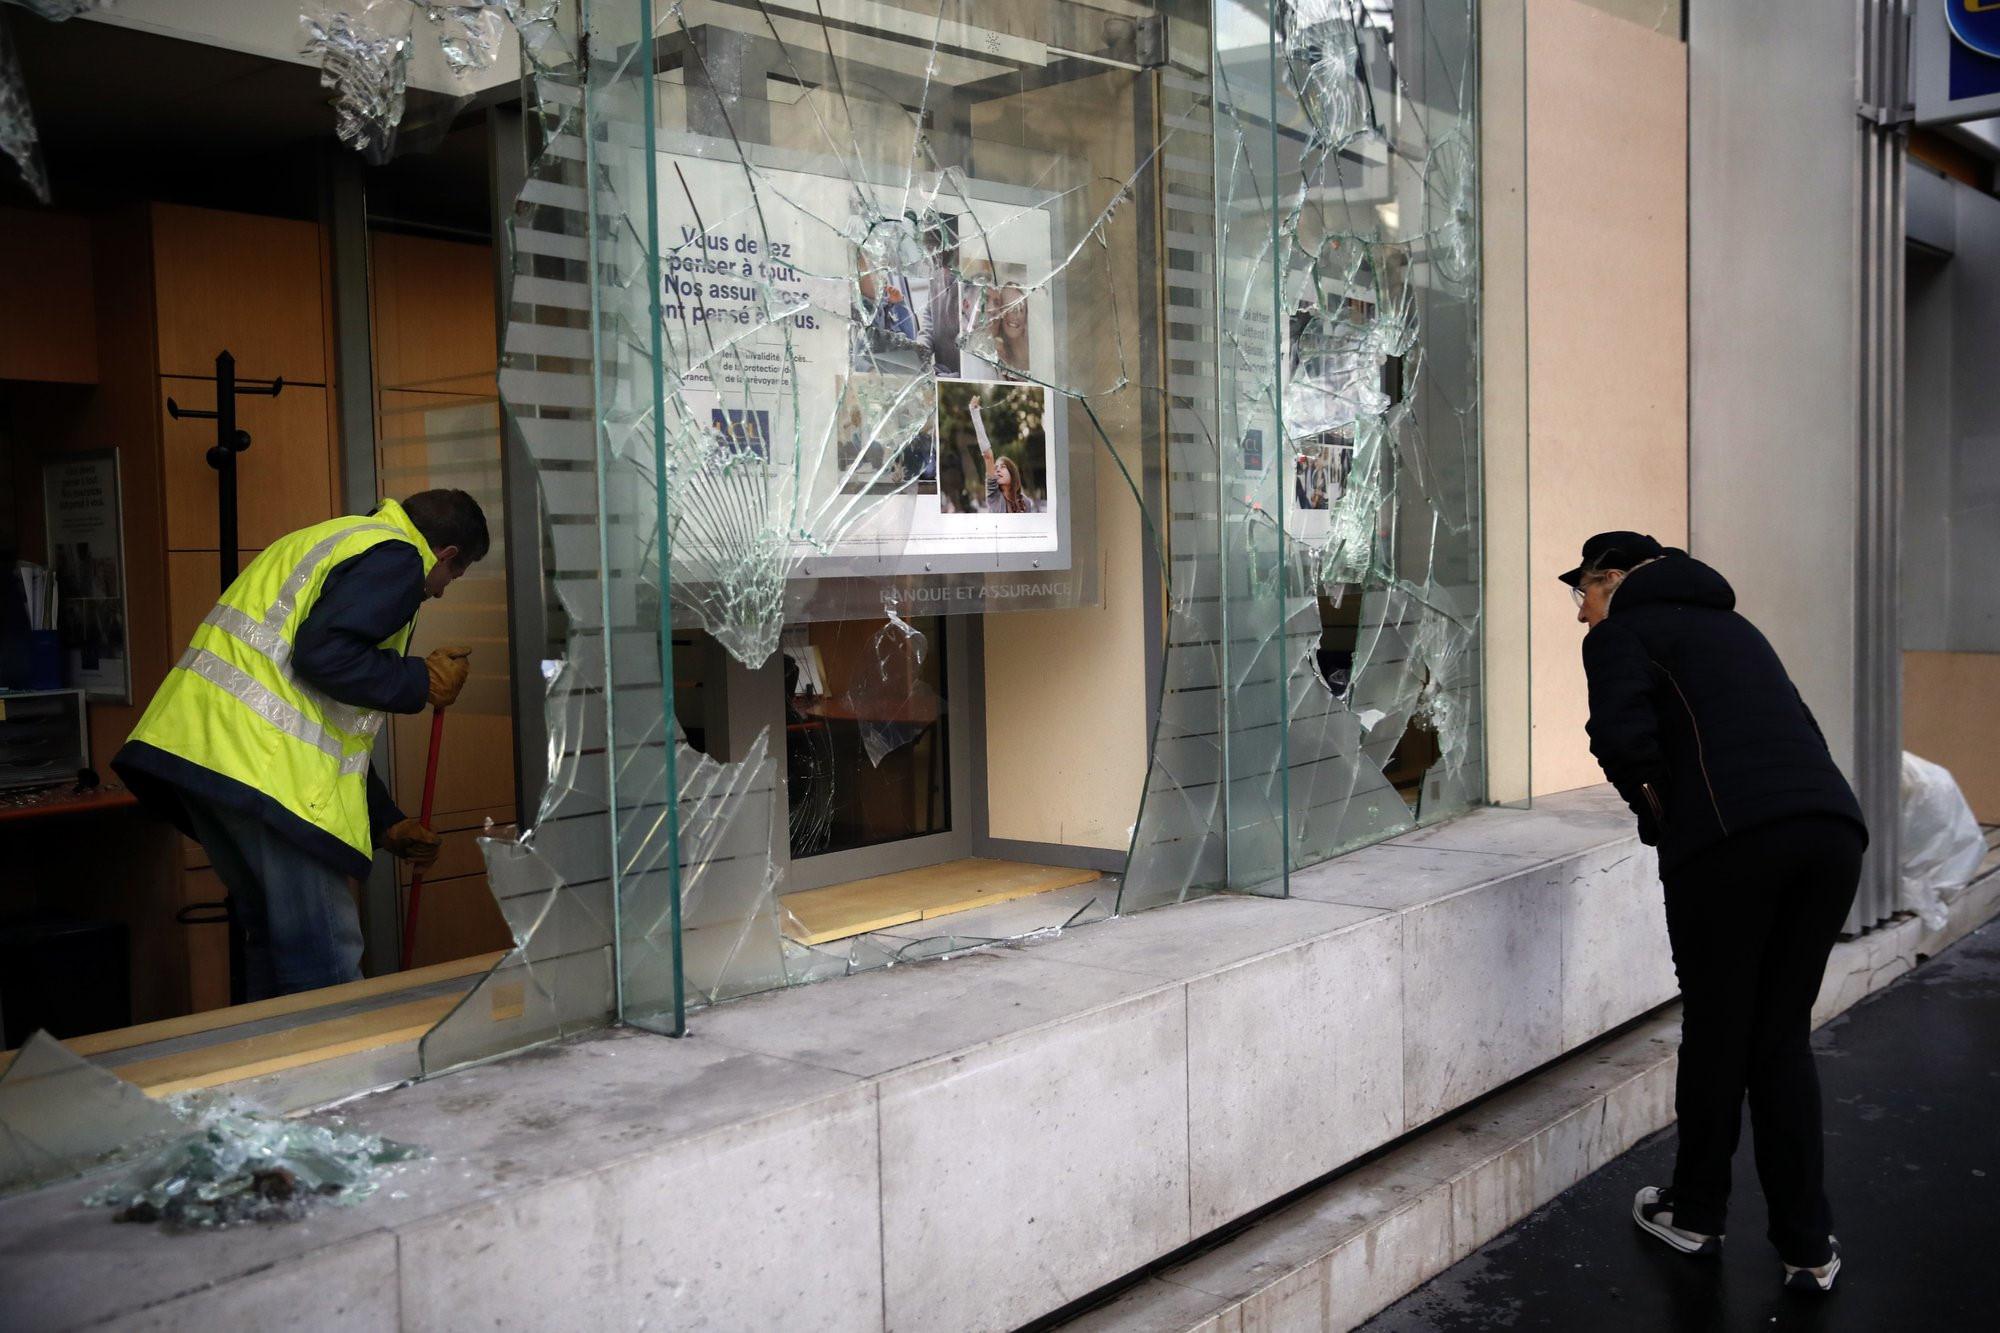 Pháp lo sợ bạo loạn thành 'thảm họa', bắt giữ hơn 1.700 người Ảnh 2